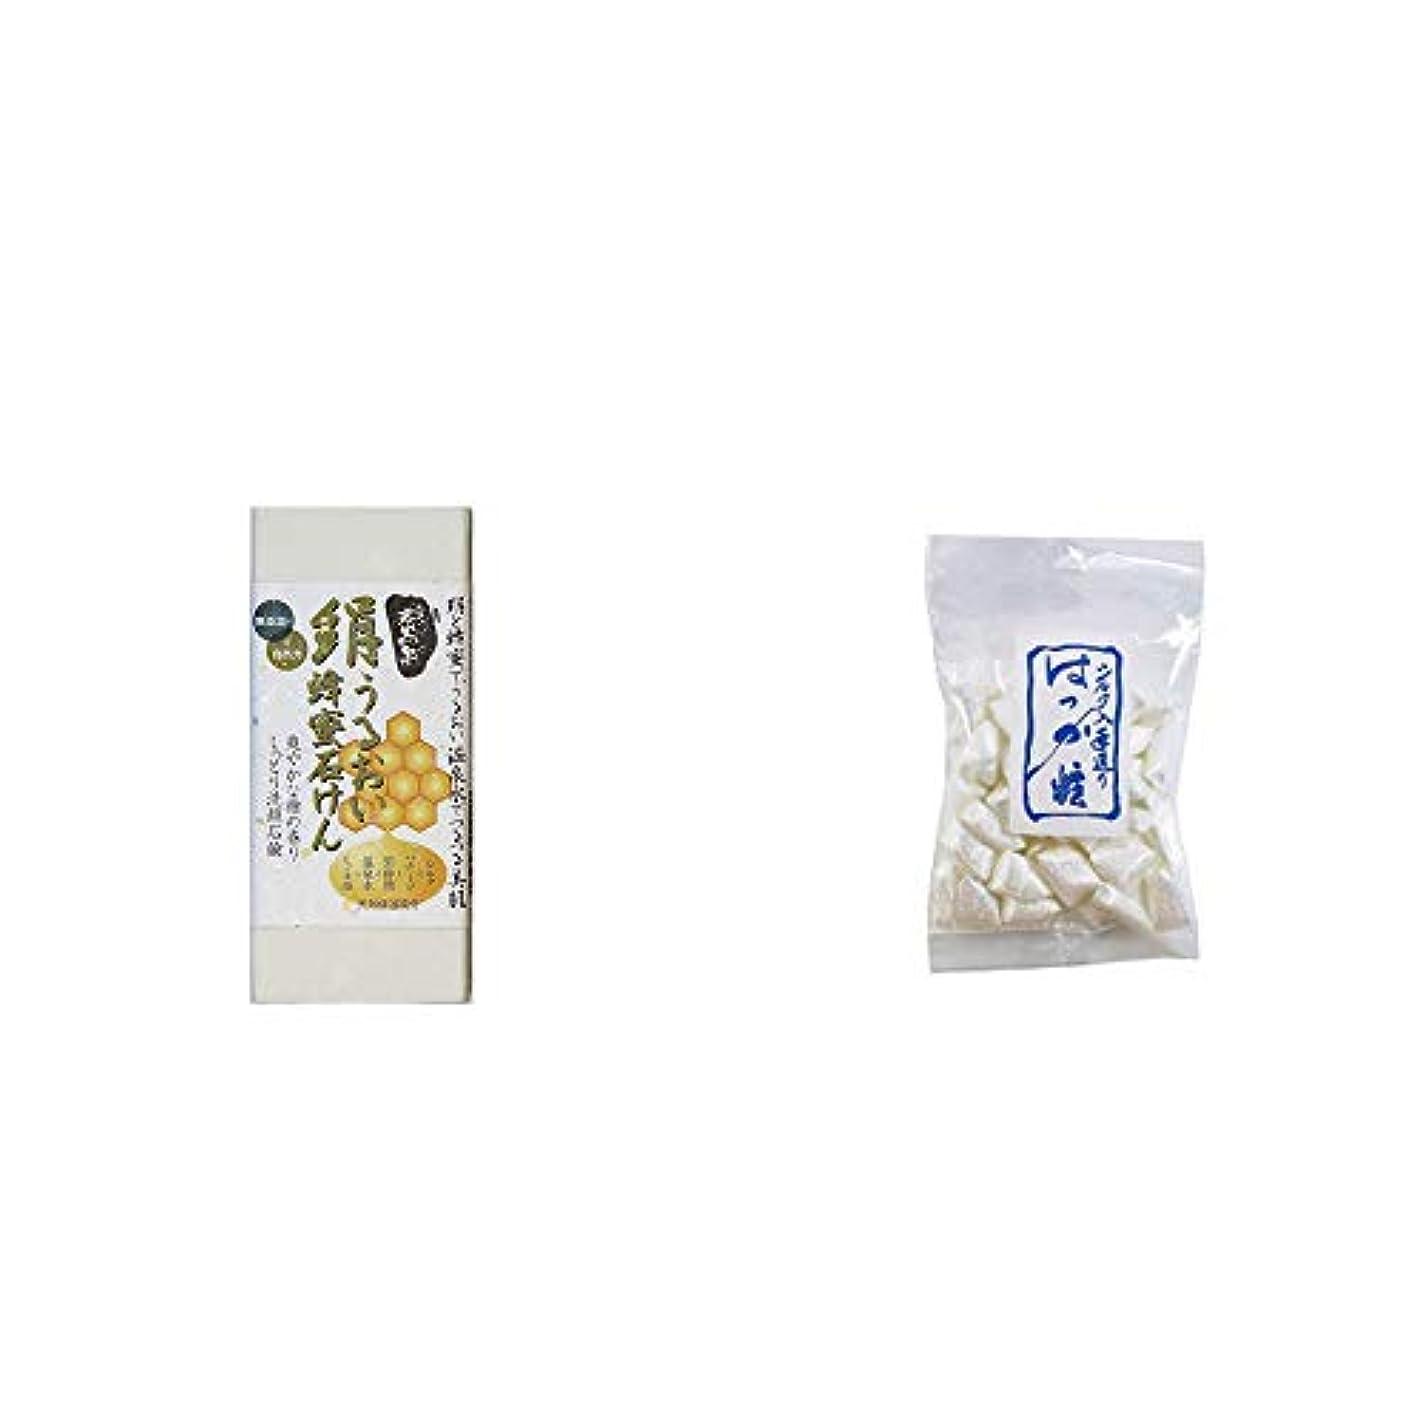 合わせてサイクル蒸[2点セット] ひのき炭黒泉 絹うるおい蜂蜜石けん(75g×2)?シルクはっか糖(150g)